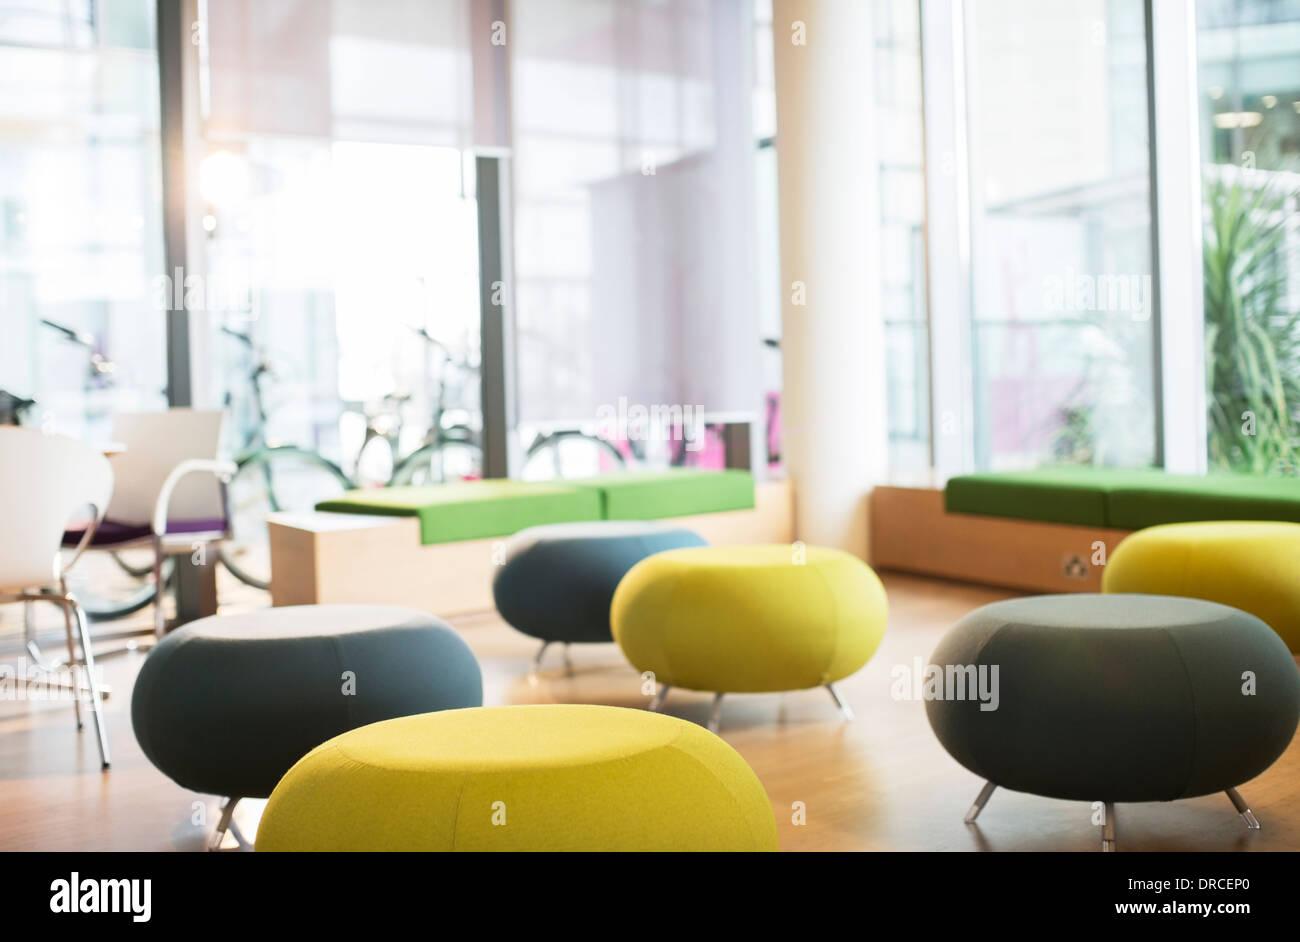 Chaises et tables dans le salon vide Banque D'Images